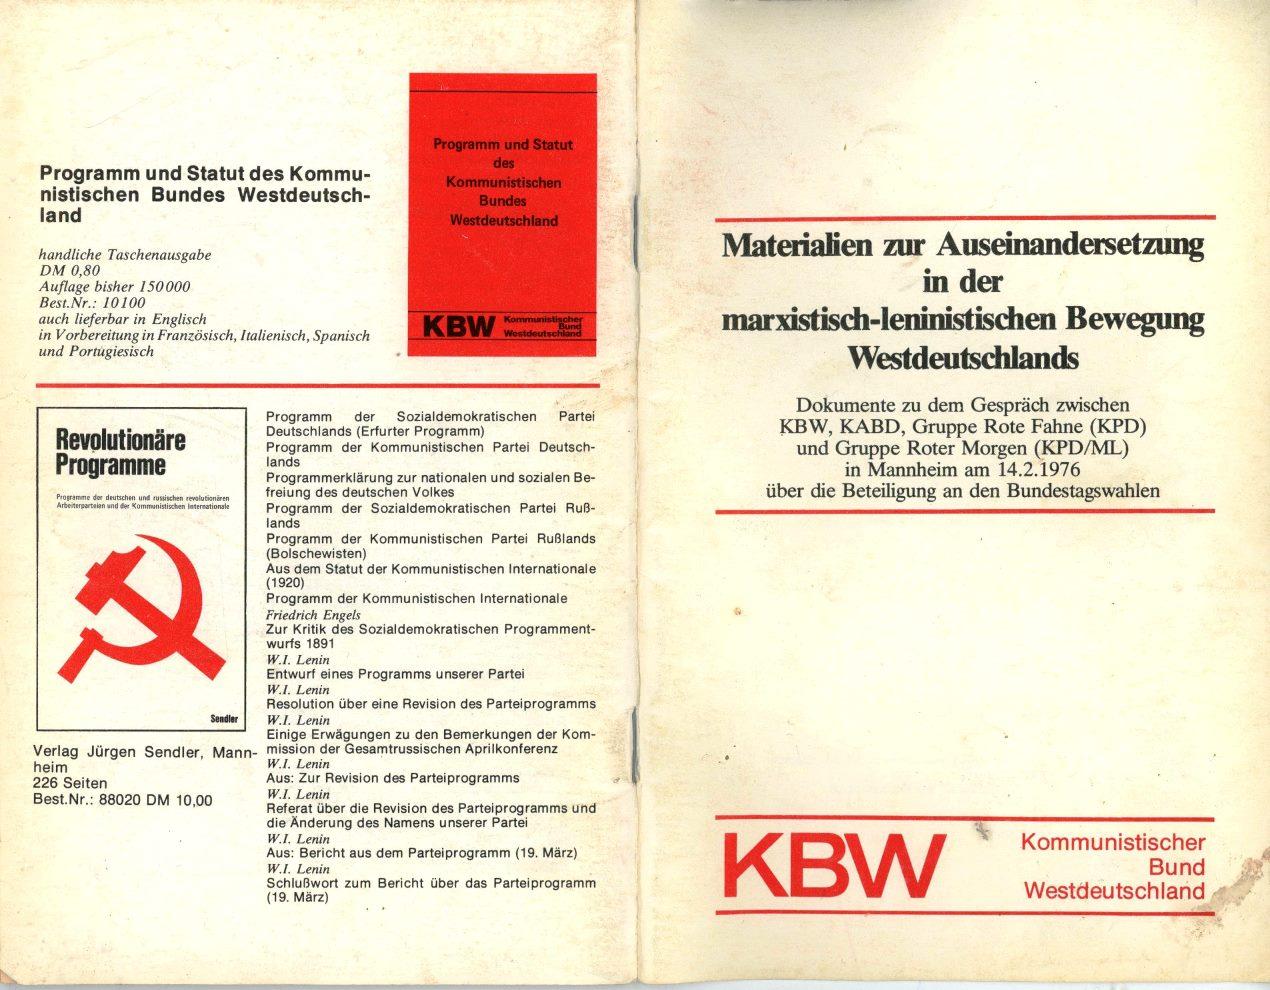 KBW_Materialien_zur_Auseinandersetzung_in_der_mlB_1976_01